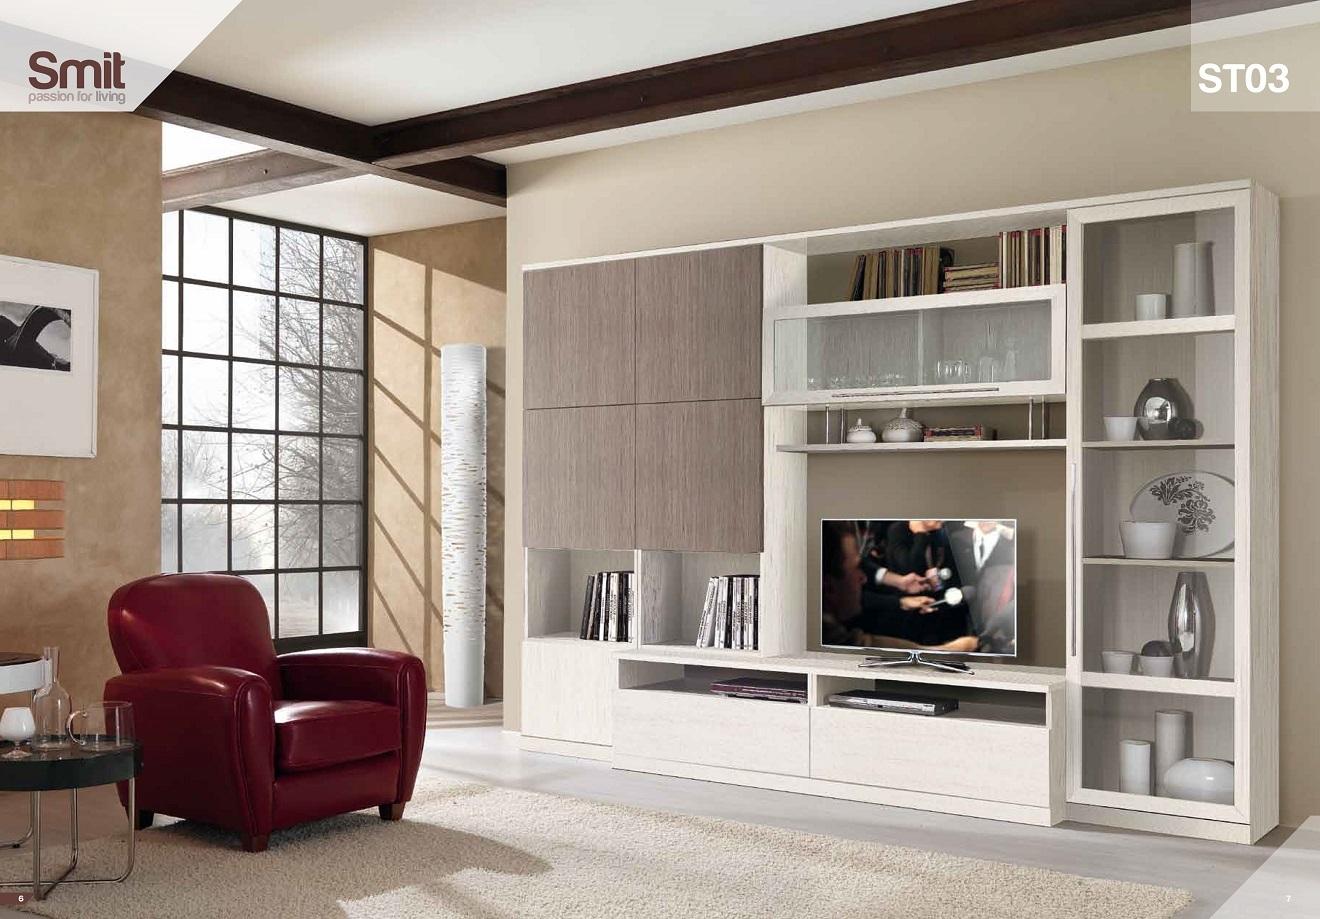 Decoraci n de interiores decoraci n de interiores de for Decoracion de paredes interiores